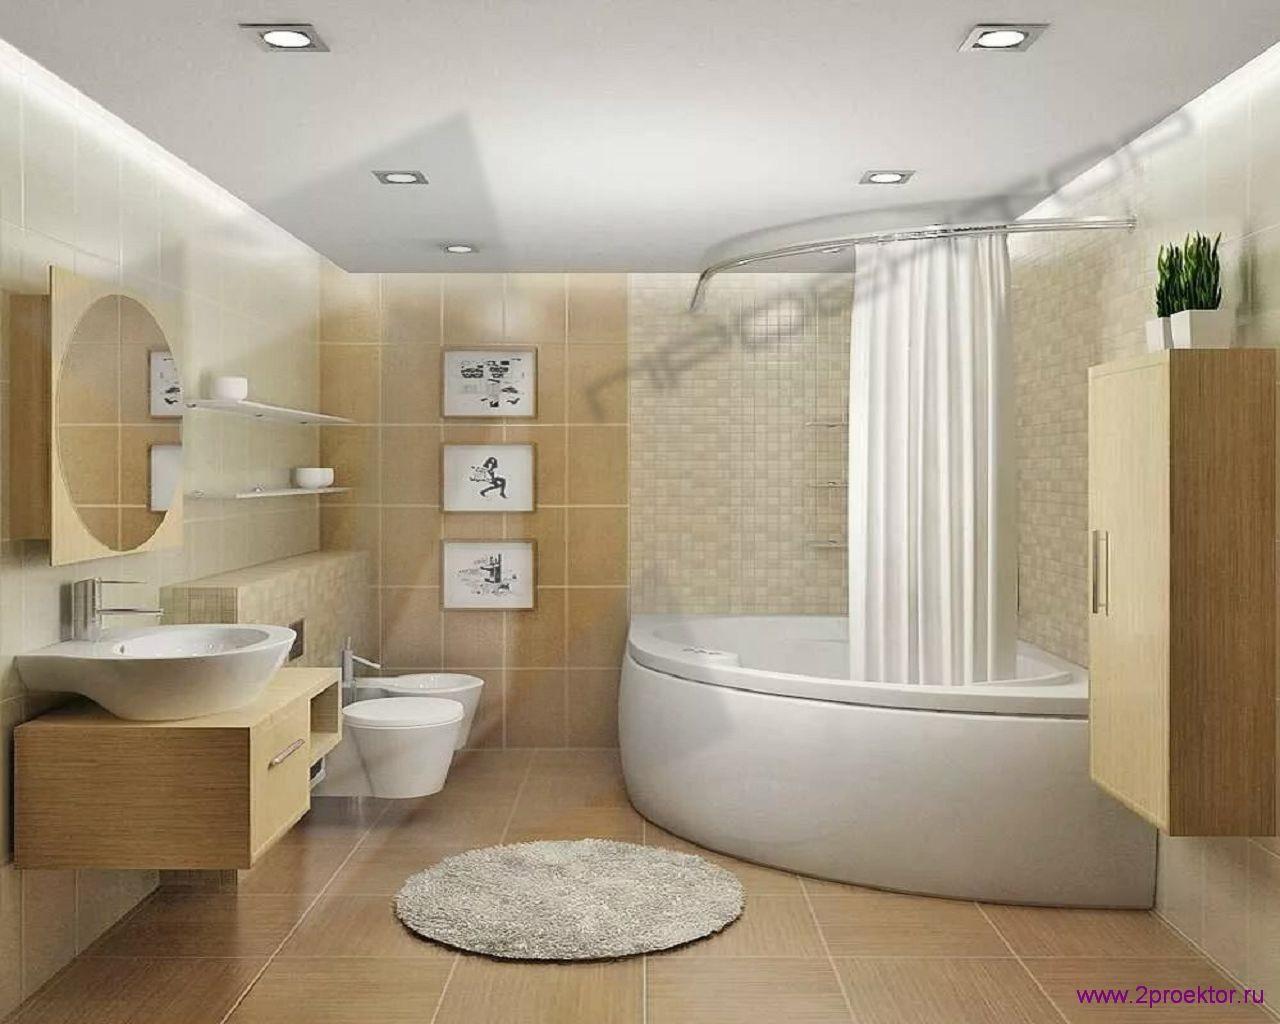 Дизайн ванной комнаты в Жилом комплексе Юго-Западный.